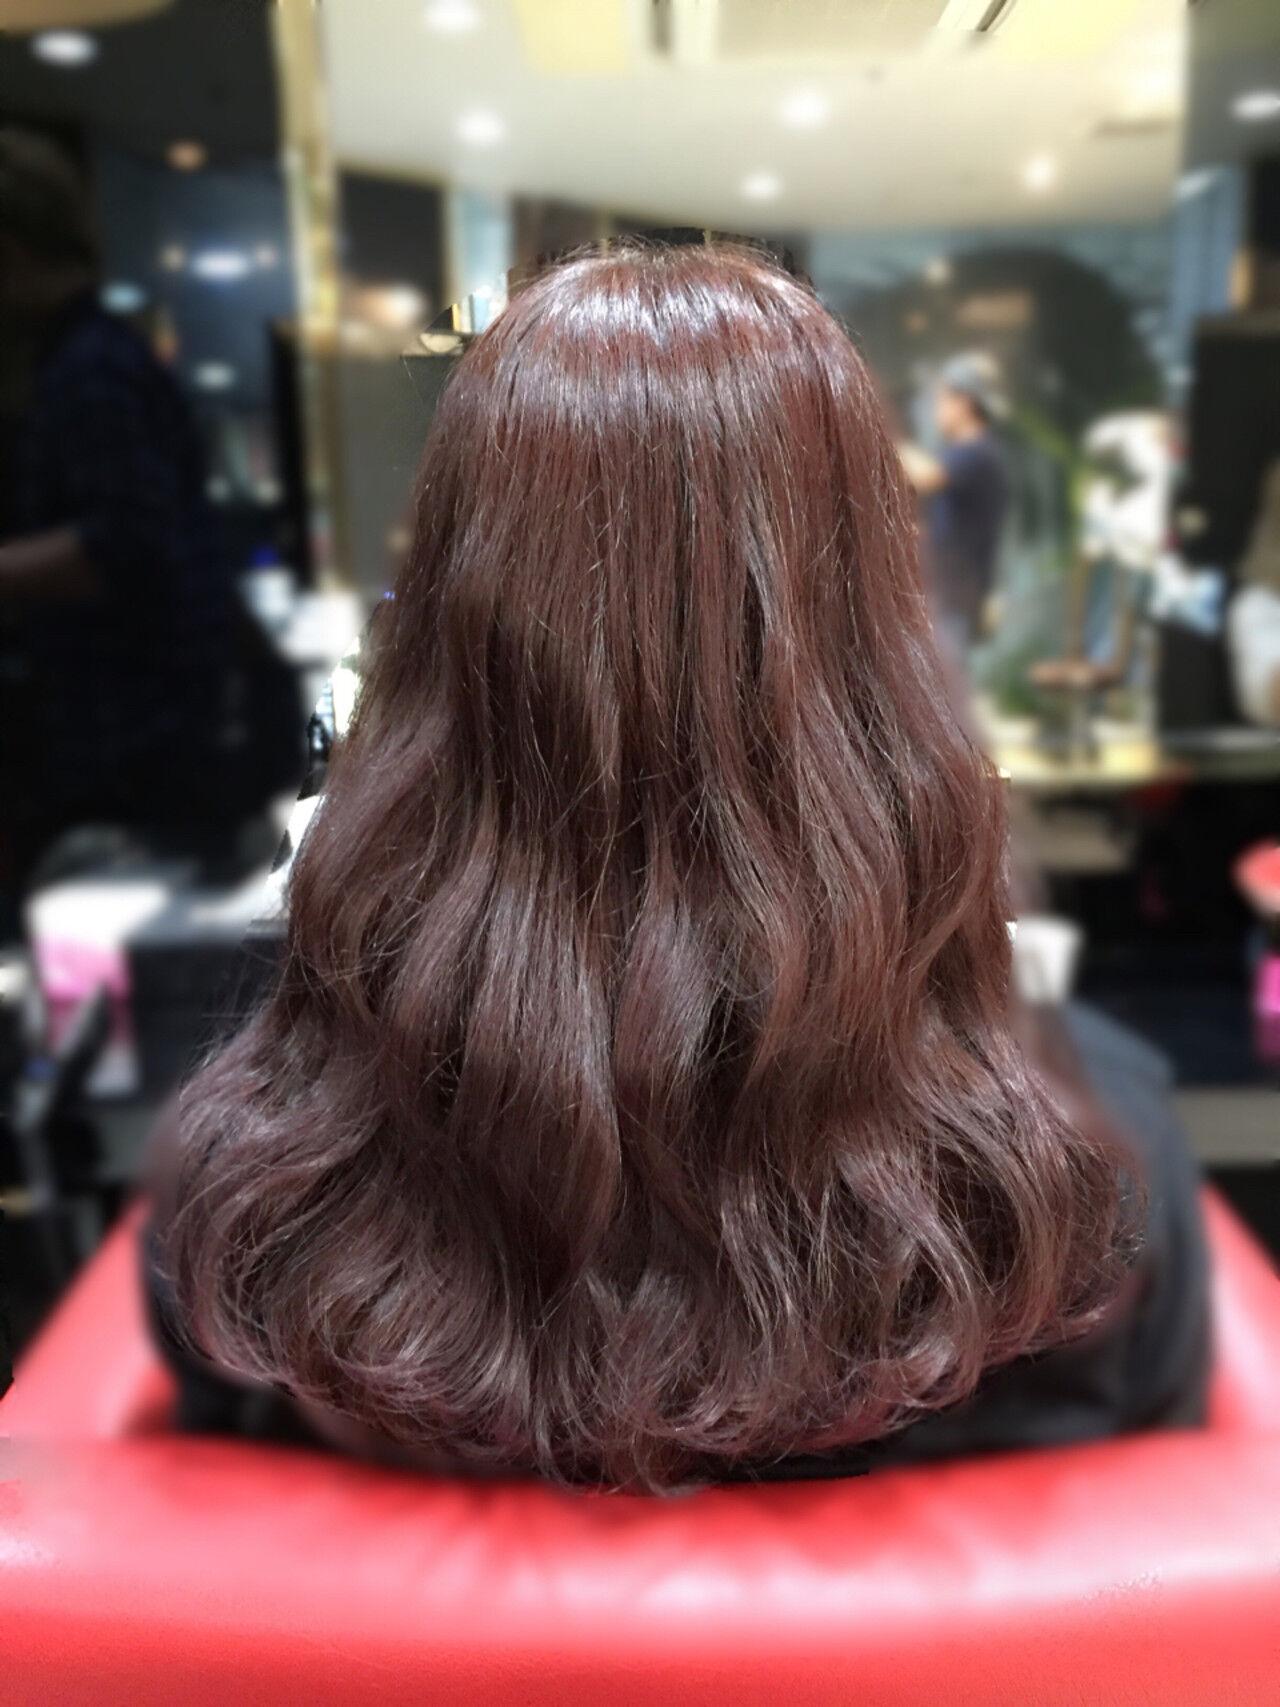 ピンク ピンクブラウン 波ウェーブ セミロングヘアスタイルや髪型の写真・画像